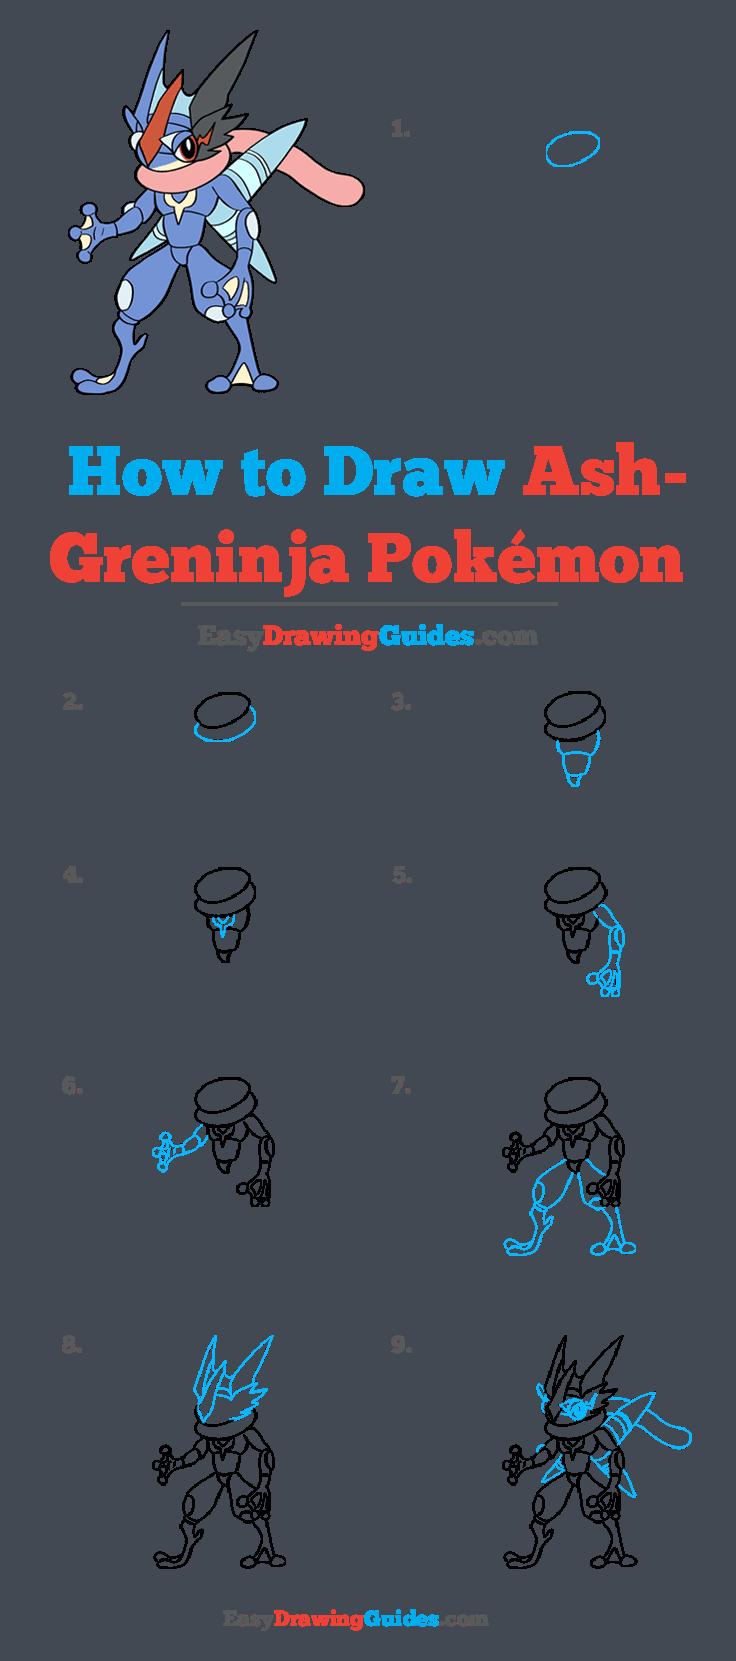 How to Draw Ash-Greninja from Pokémon